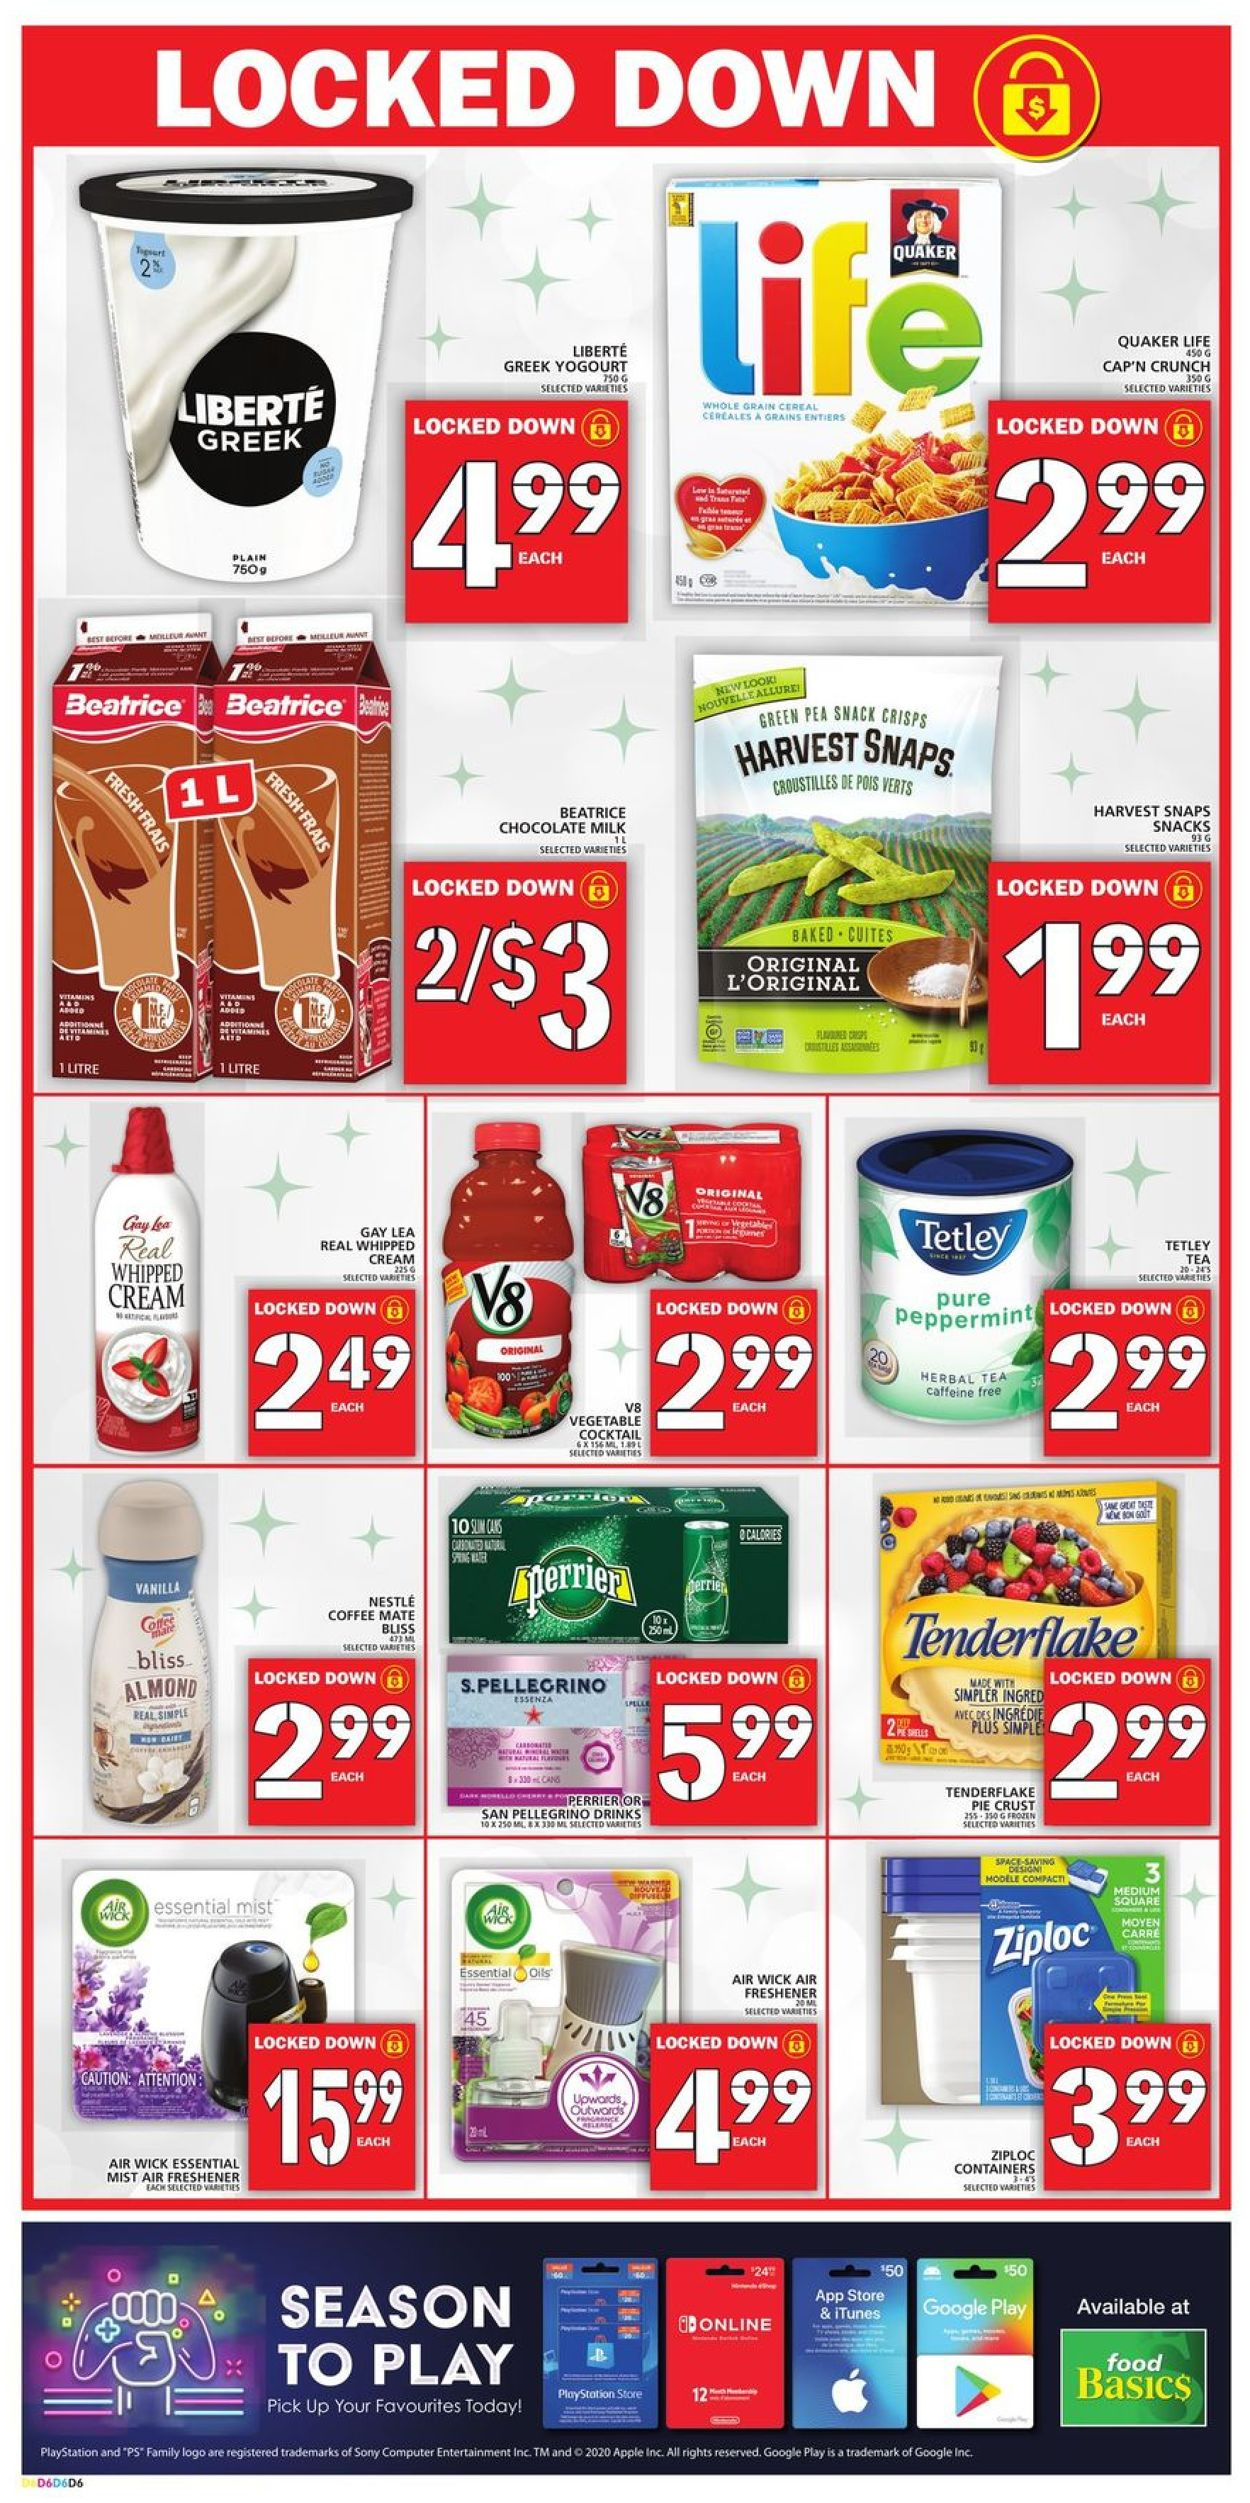 Food Basics - Christmas 2020 Flyer - 12/17-12/24/2020 (Page 7)